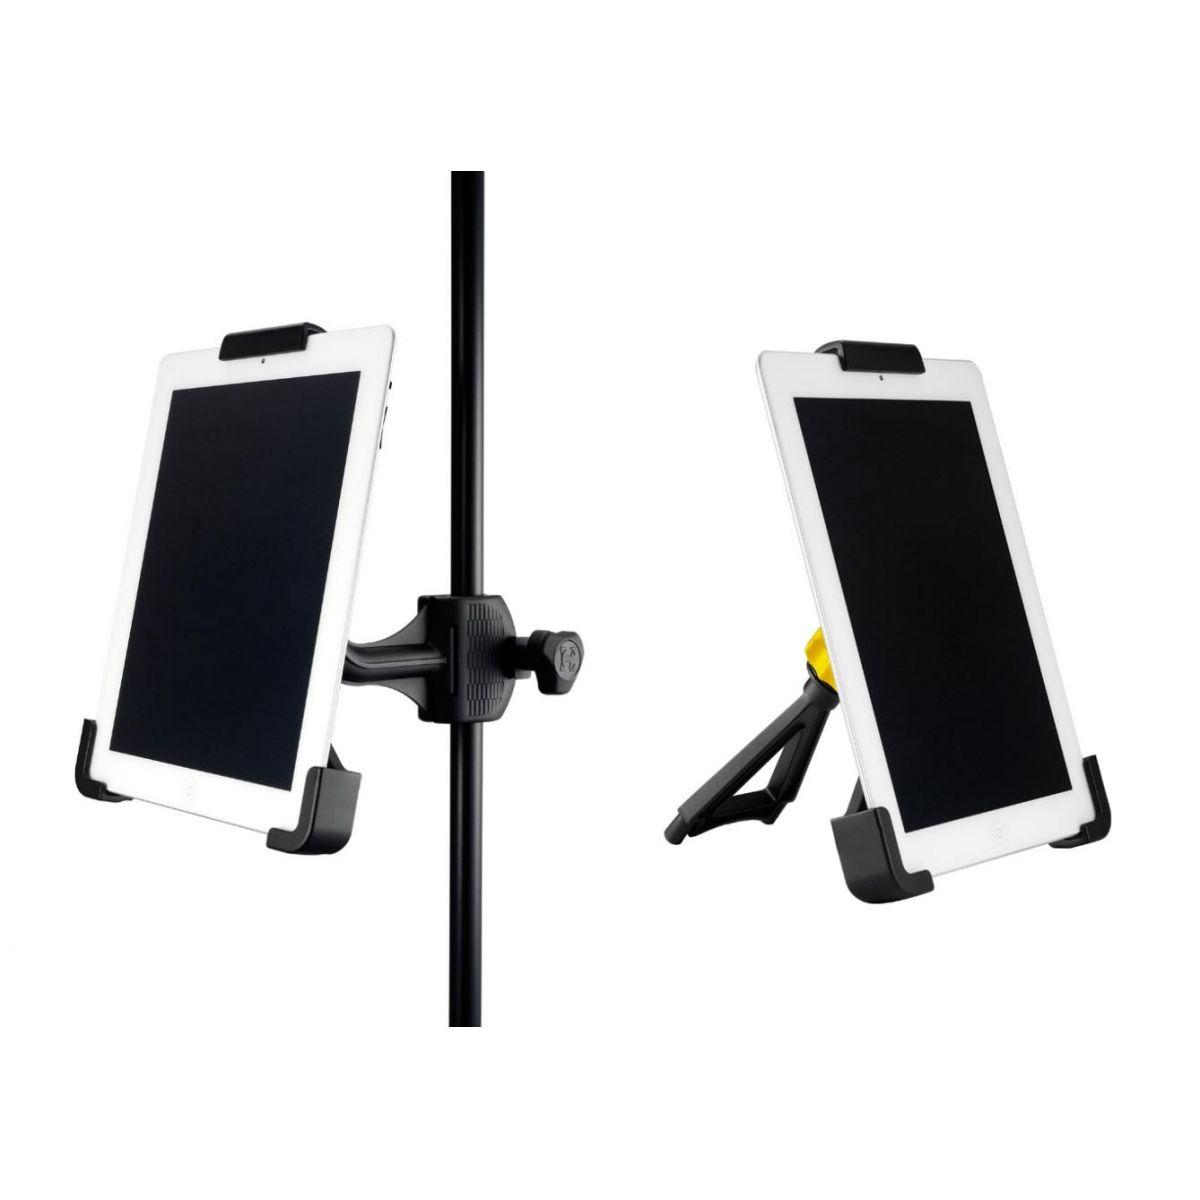 Suporte Para Tablet Hercules 10700 Preto Ajustável Com Capacidade Para 5 Kg E Sistema Ball-Joint